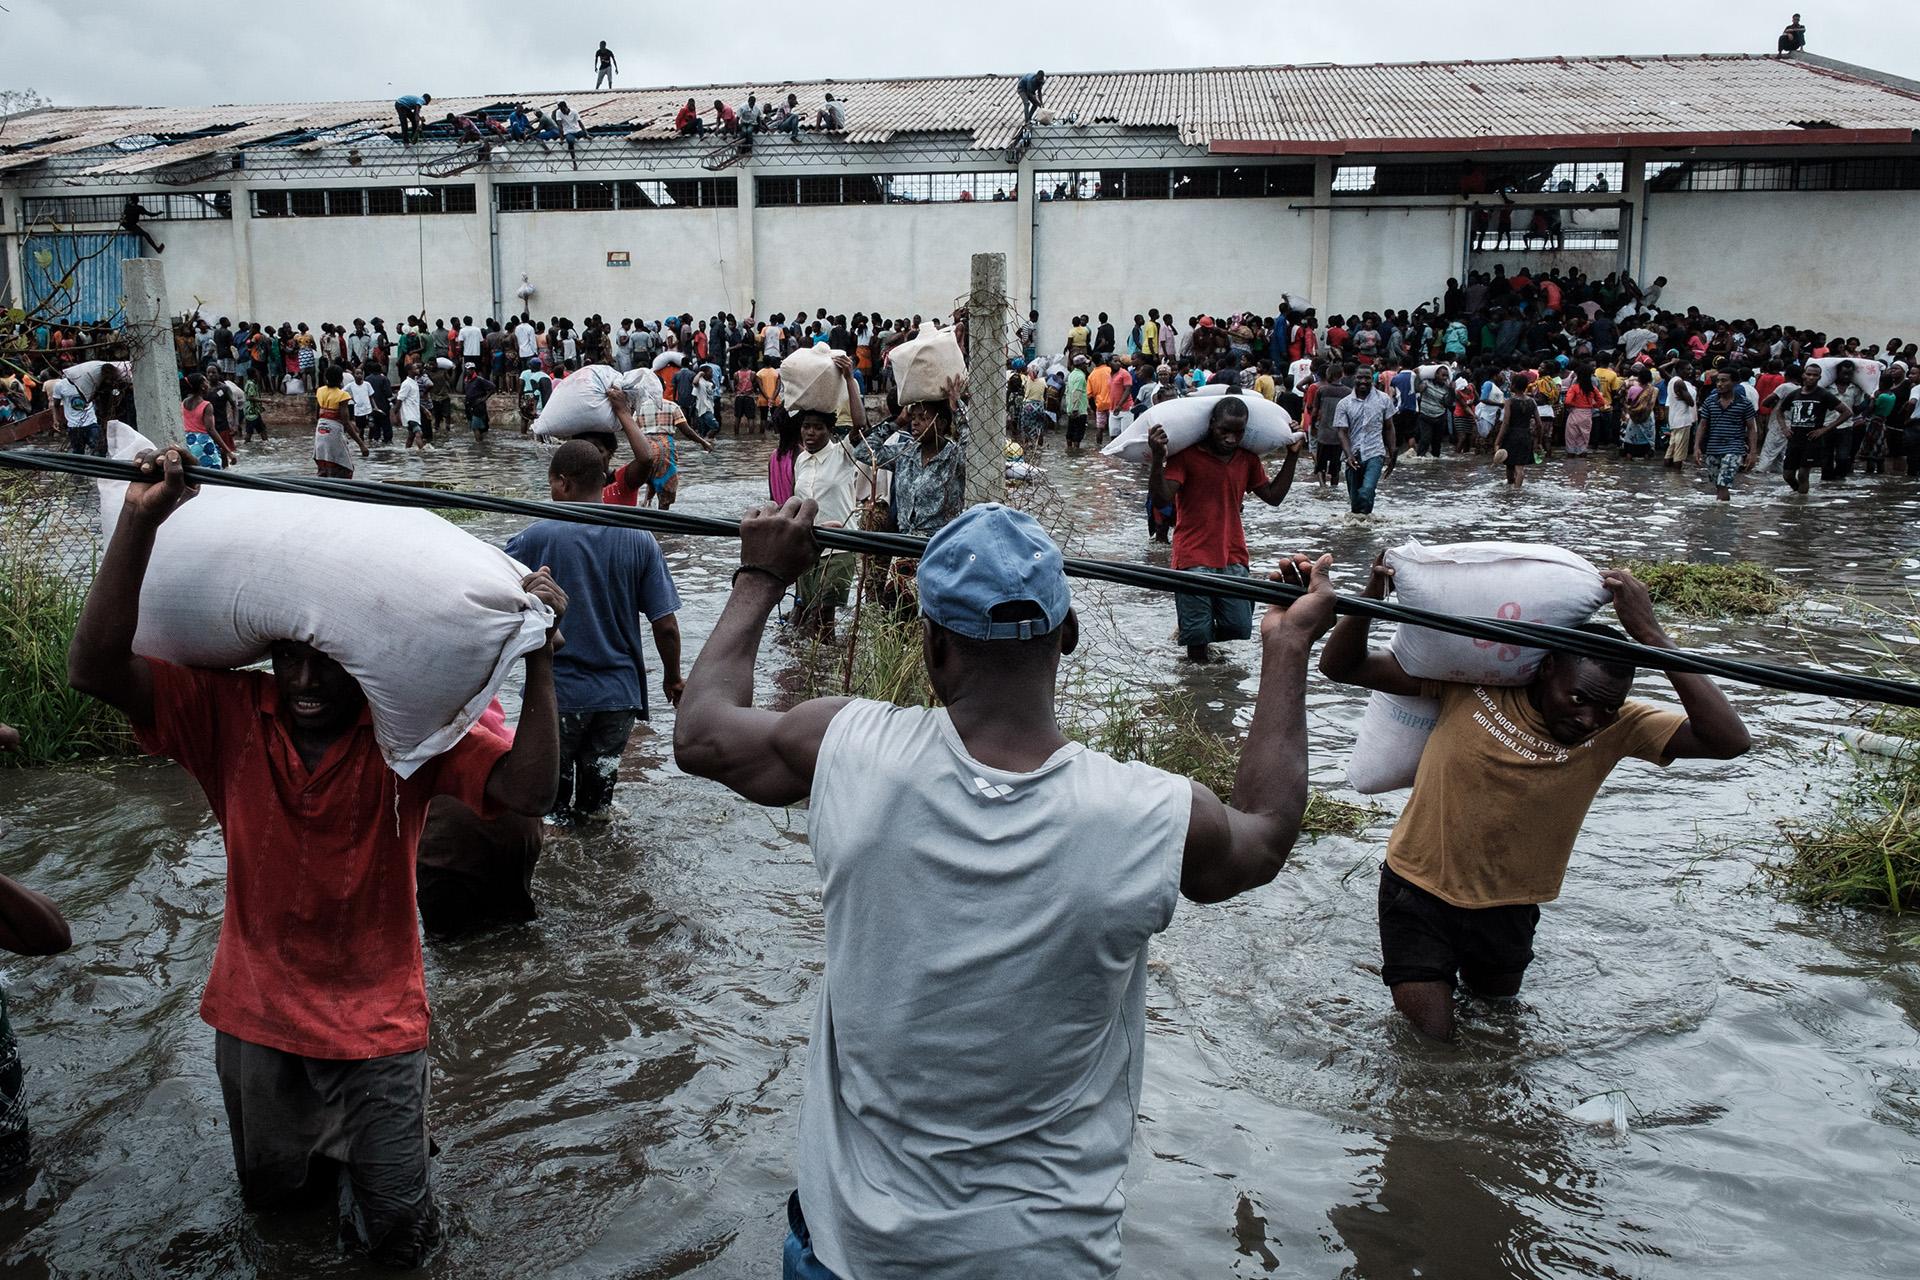 Cinco días después de que el ciclón tropical Idai se abriera paso a través de Mozambique, Zimbabwe y Malawi, la cifra de muertos confirmada ascendía a más de 300 y cientos de miles de vidas estaban en riesgo, dijeron las autoridades (Photo by Yasuyoshi CHIBA / AFP)